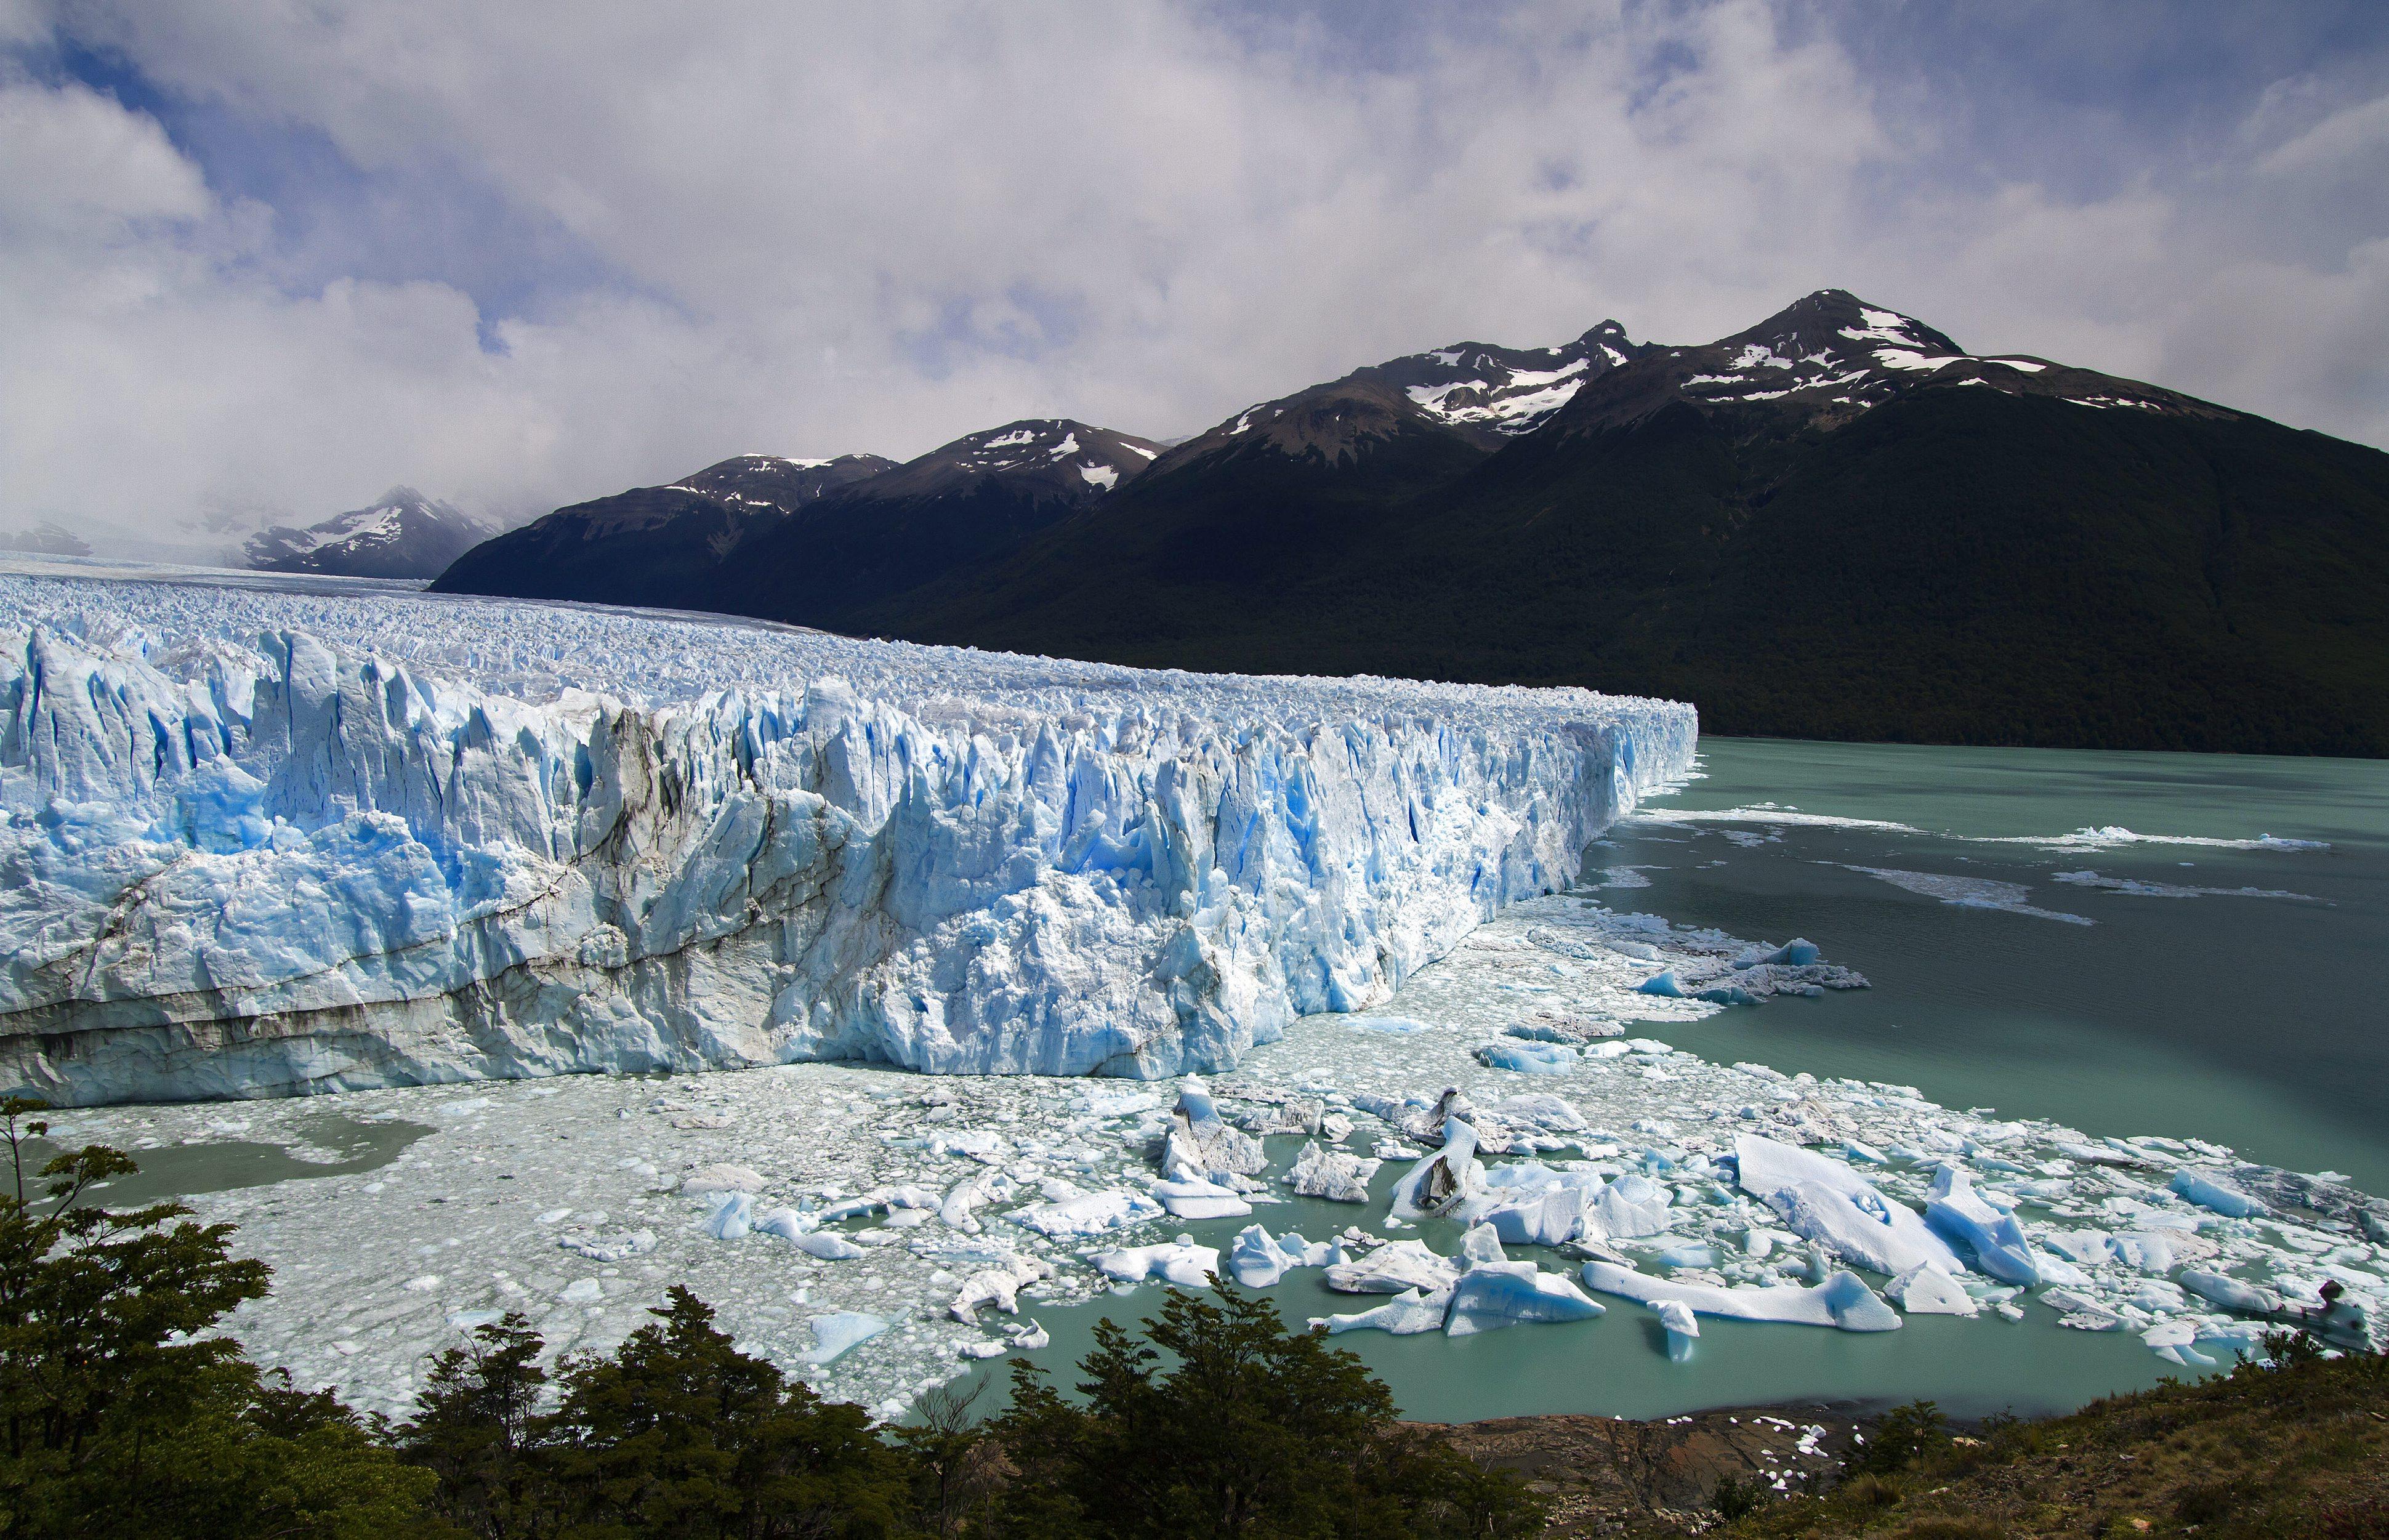 The Perito Moreno Glacier outside El Calafate, Argentina in 2011.